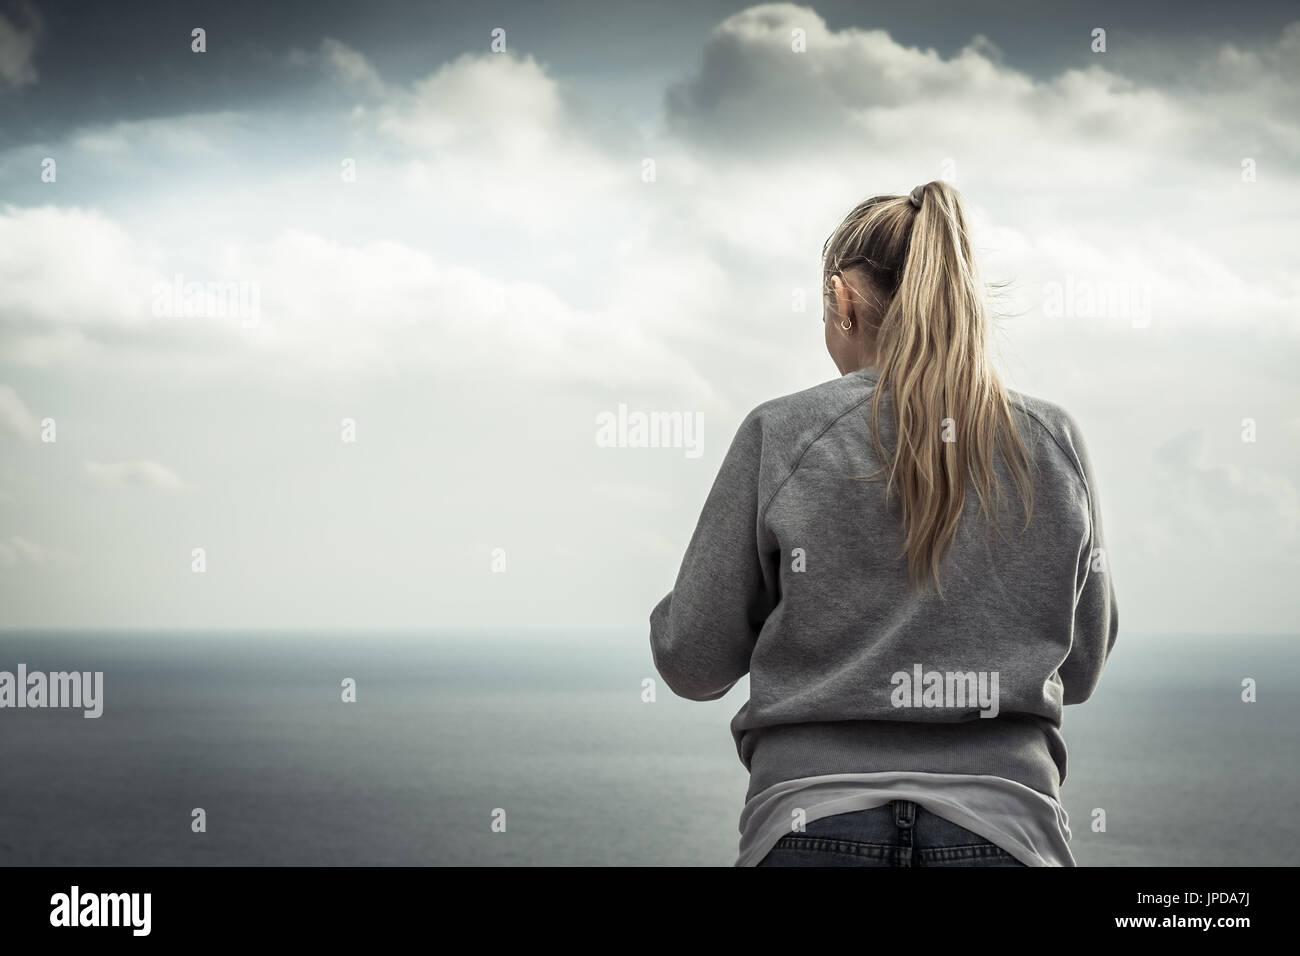 Mujer sonriente joven rubia retrato con paisaje de las montañas borrosa sobre fondo en días nublados Imagen De Stock